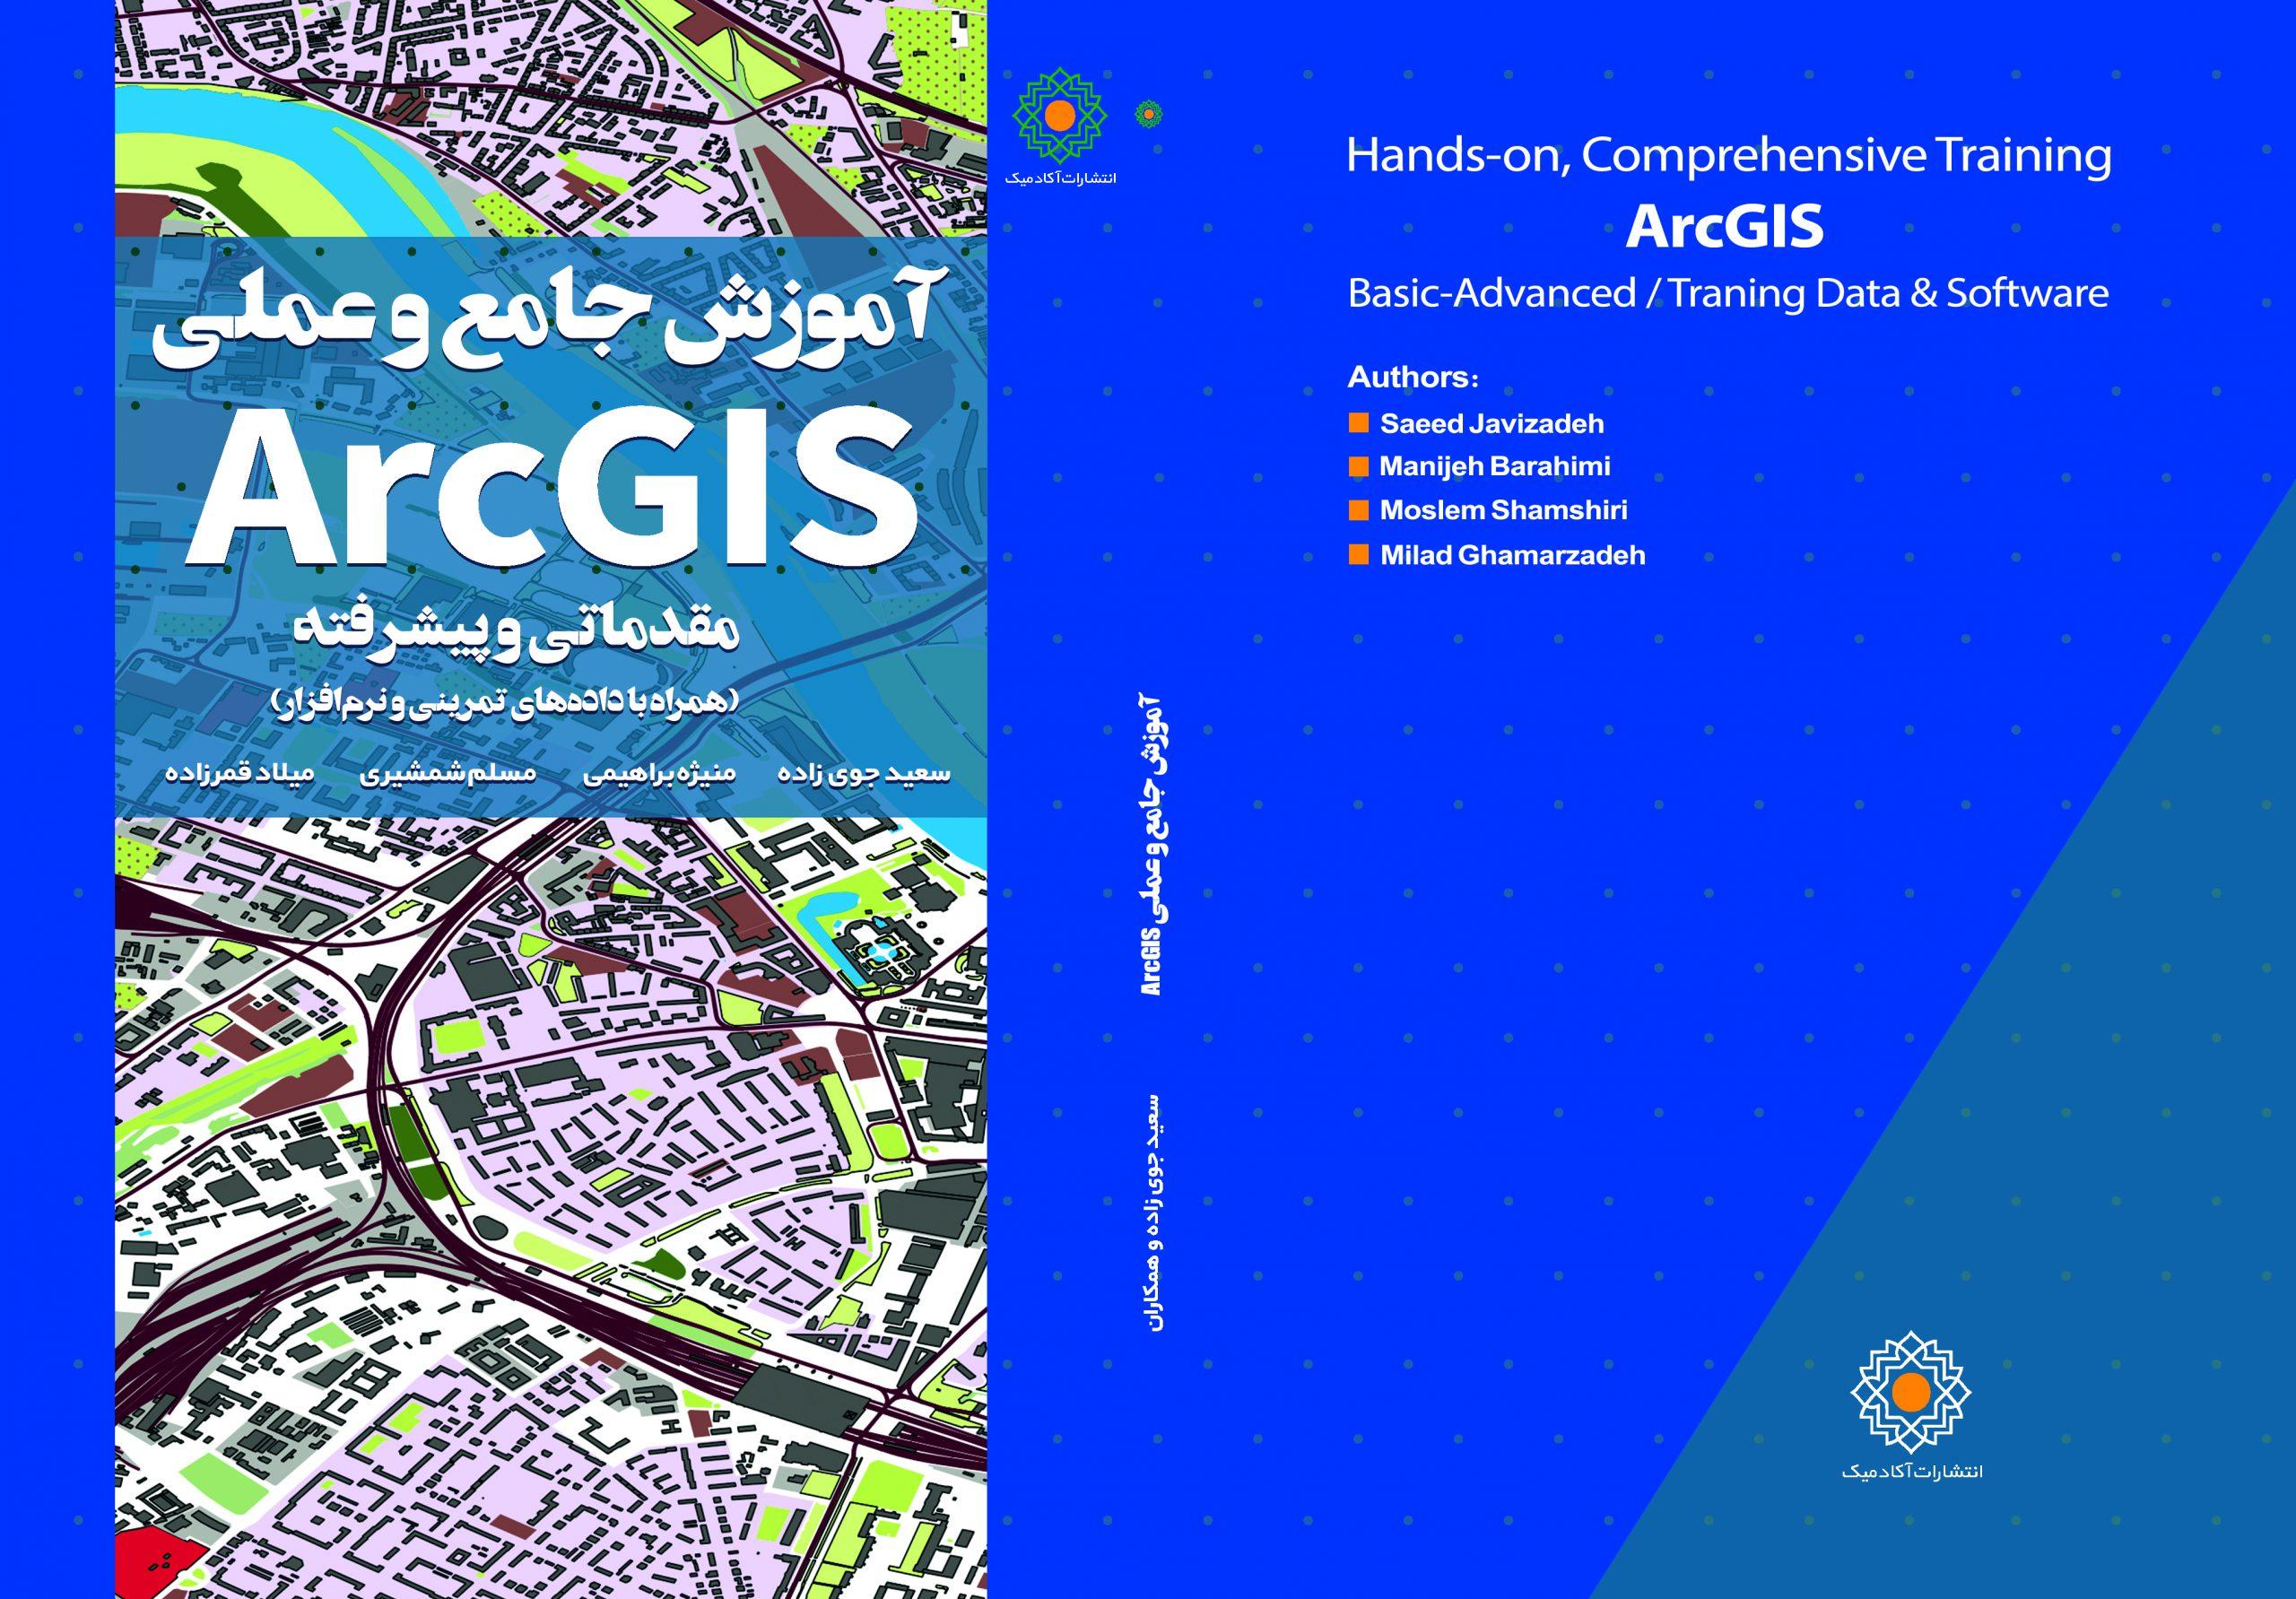 کتاب آموزش جامع و عملی ArcGIS مقدماتی و پیشرفته/ همراه با داده های تمرینی و نرم افزار